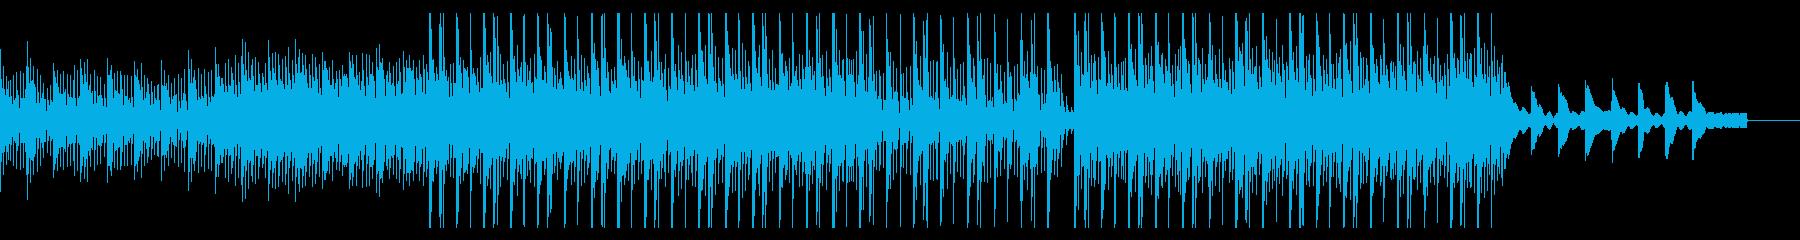 切なさのあるピアノフレーズの曲の再生済みの波形